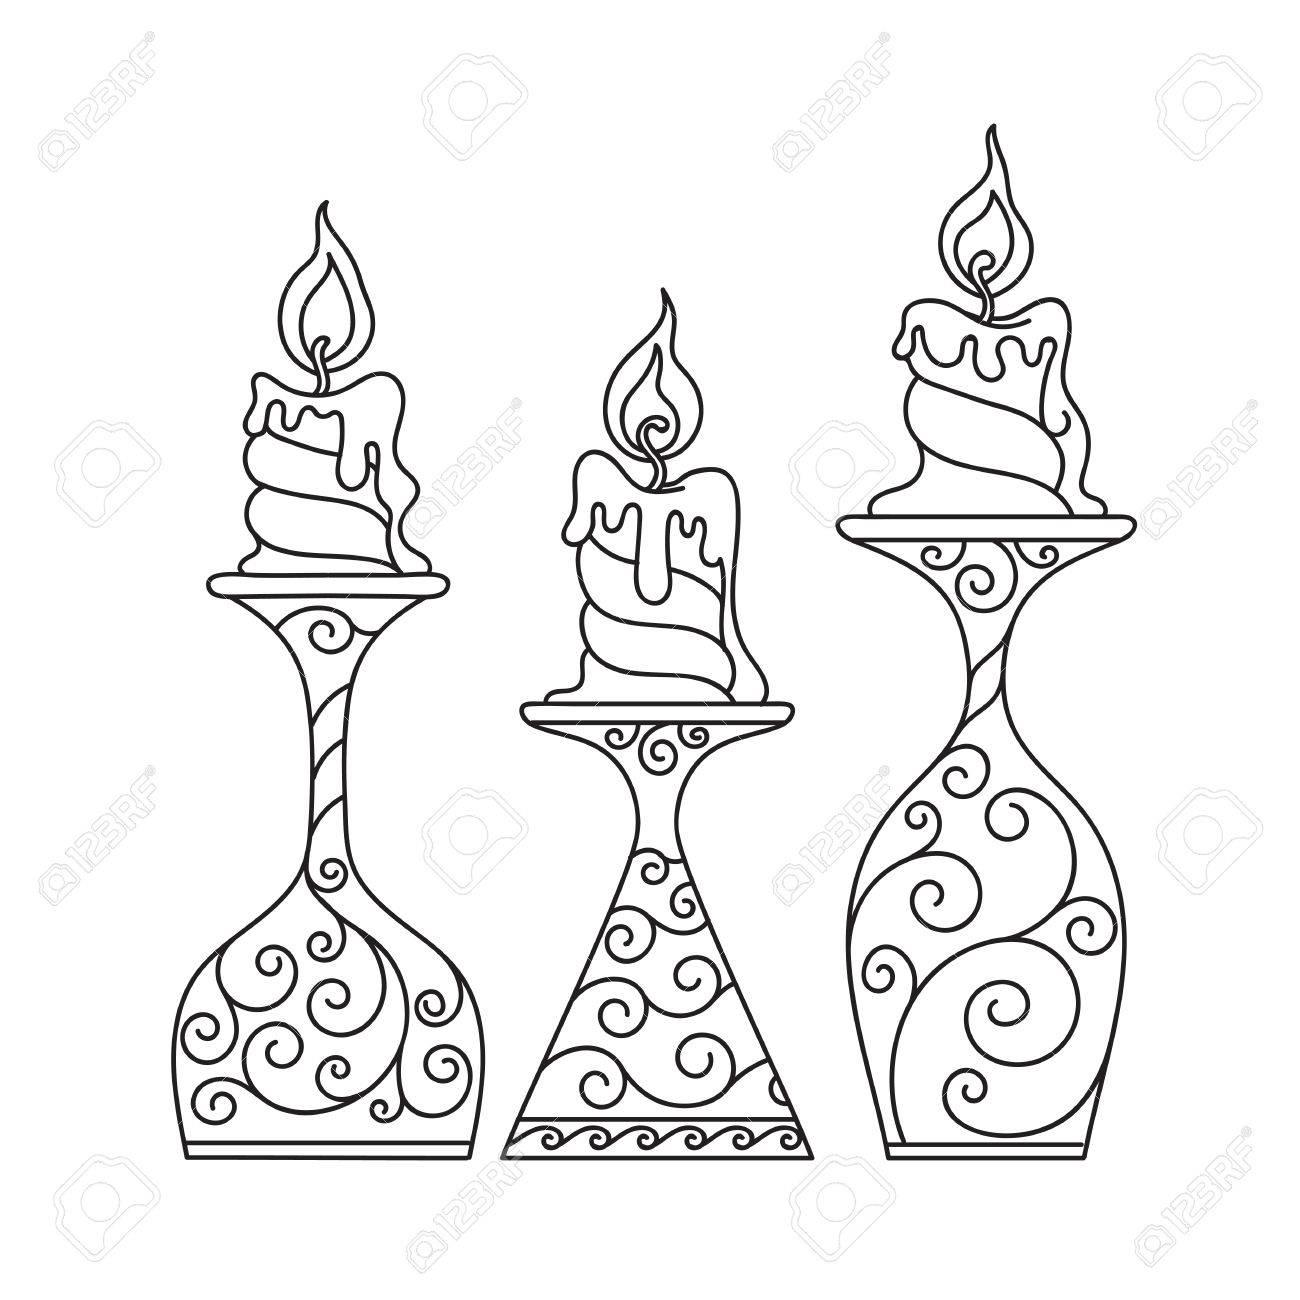 Ilustración Esquema Libro Para Colorear Conjunto Vela En Un Candelero Llama Abstracción